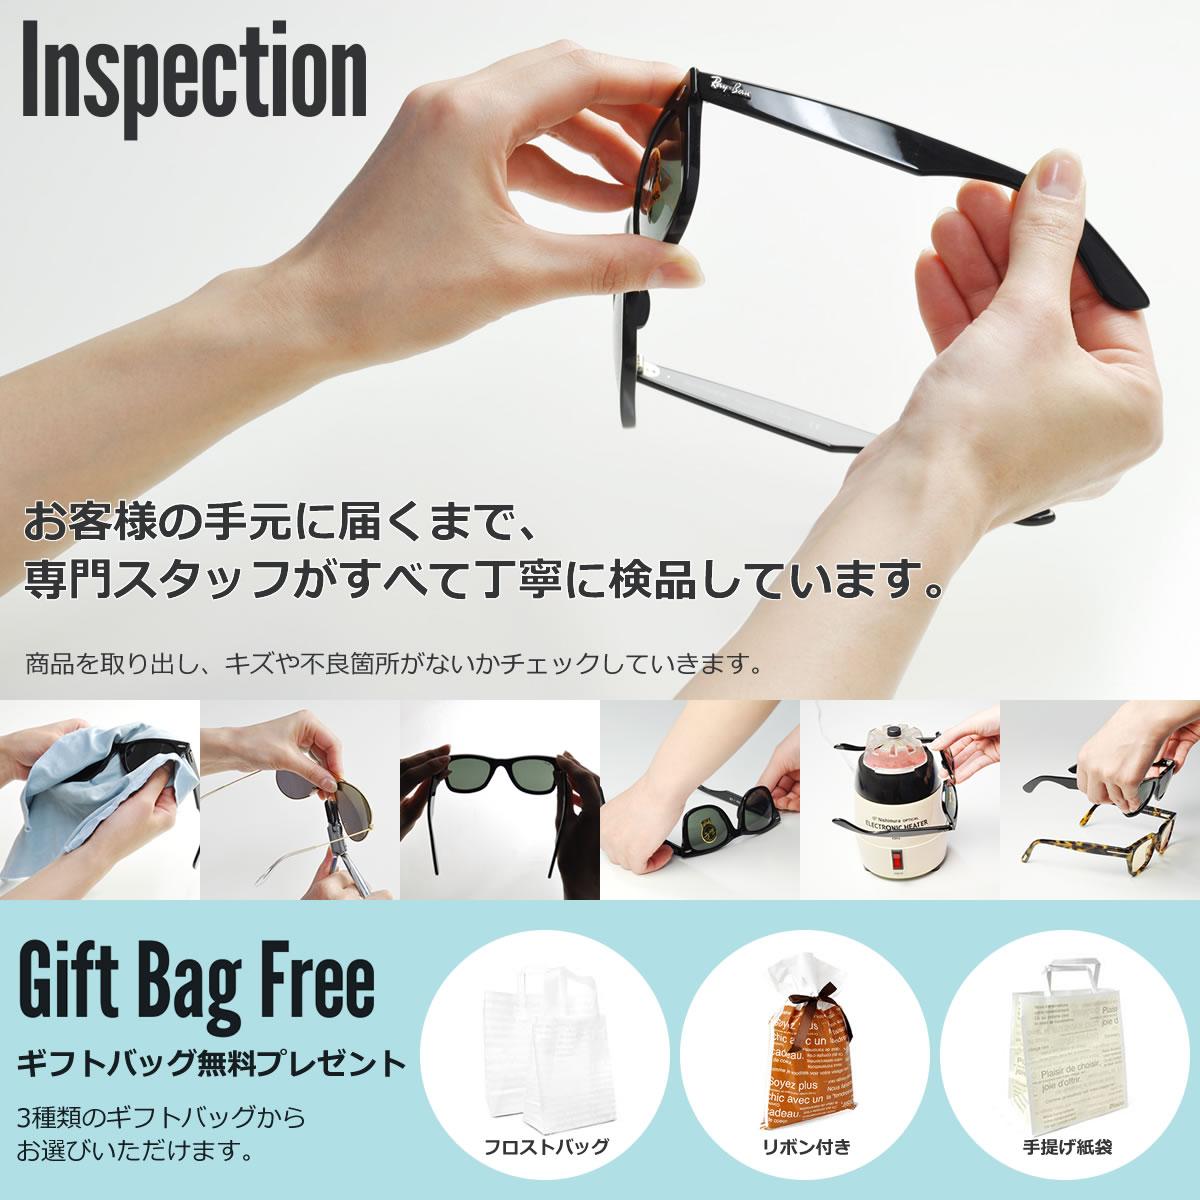 アクアリバティ AQUALIBERTY メガネ AQ22505 AY 50サイズ 日本製 メイドインジャパン MADE IN JAPAN オーバル クラシック ヴィンテージ レトロ シンプル 近視 乱視 遠視 老眼 伊達メガネレンズ無料 メンズ レディース4RAL5j